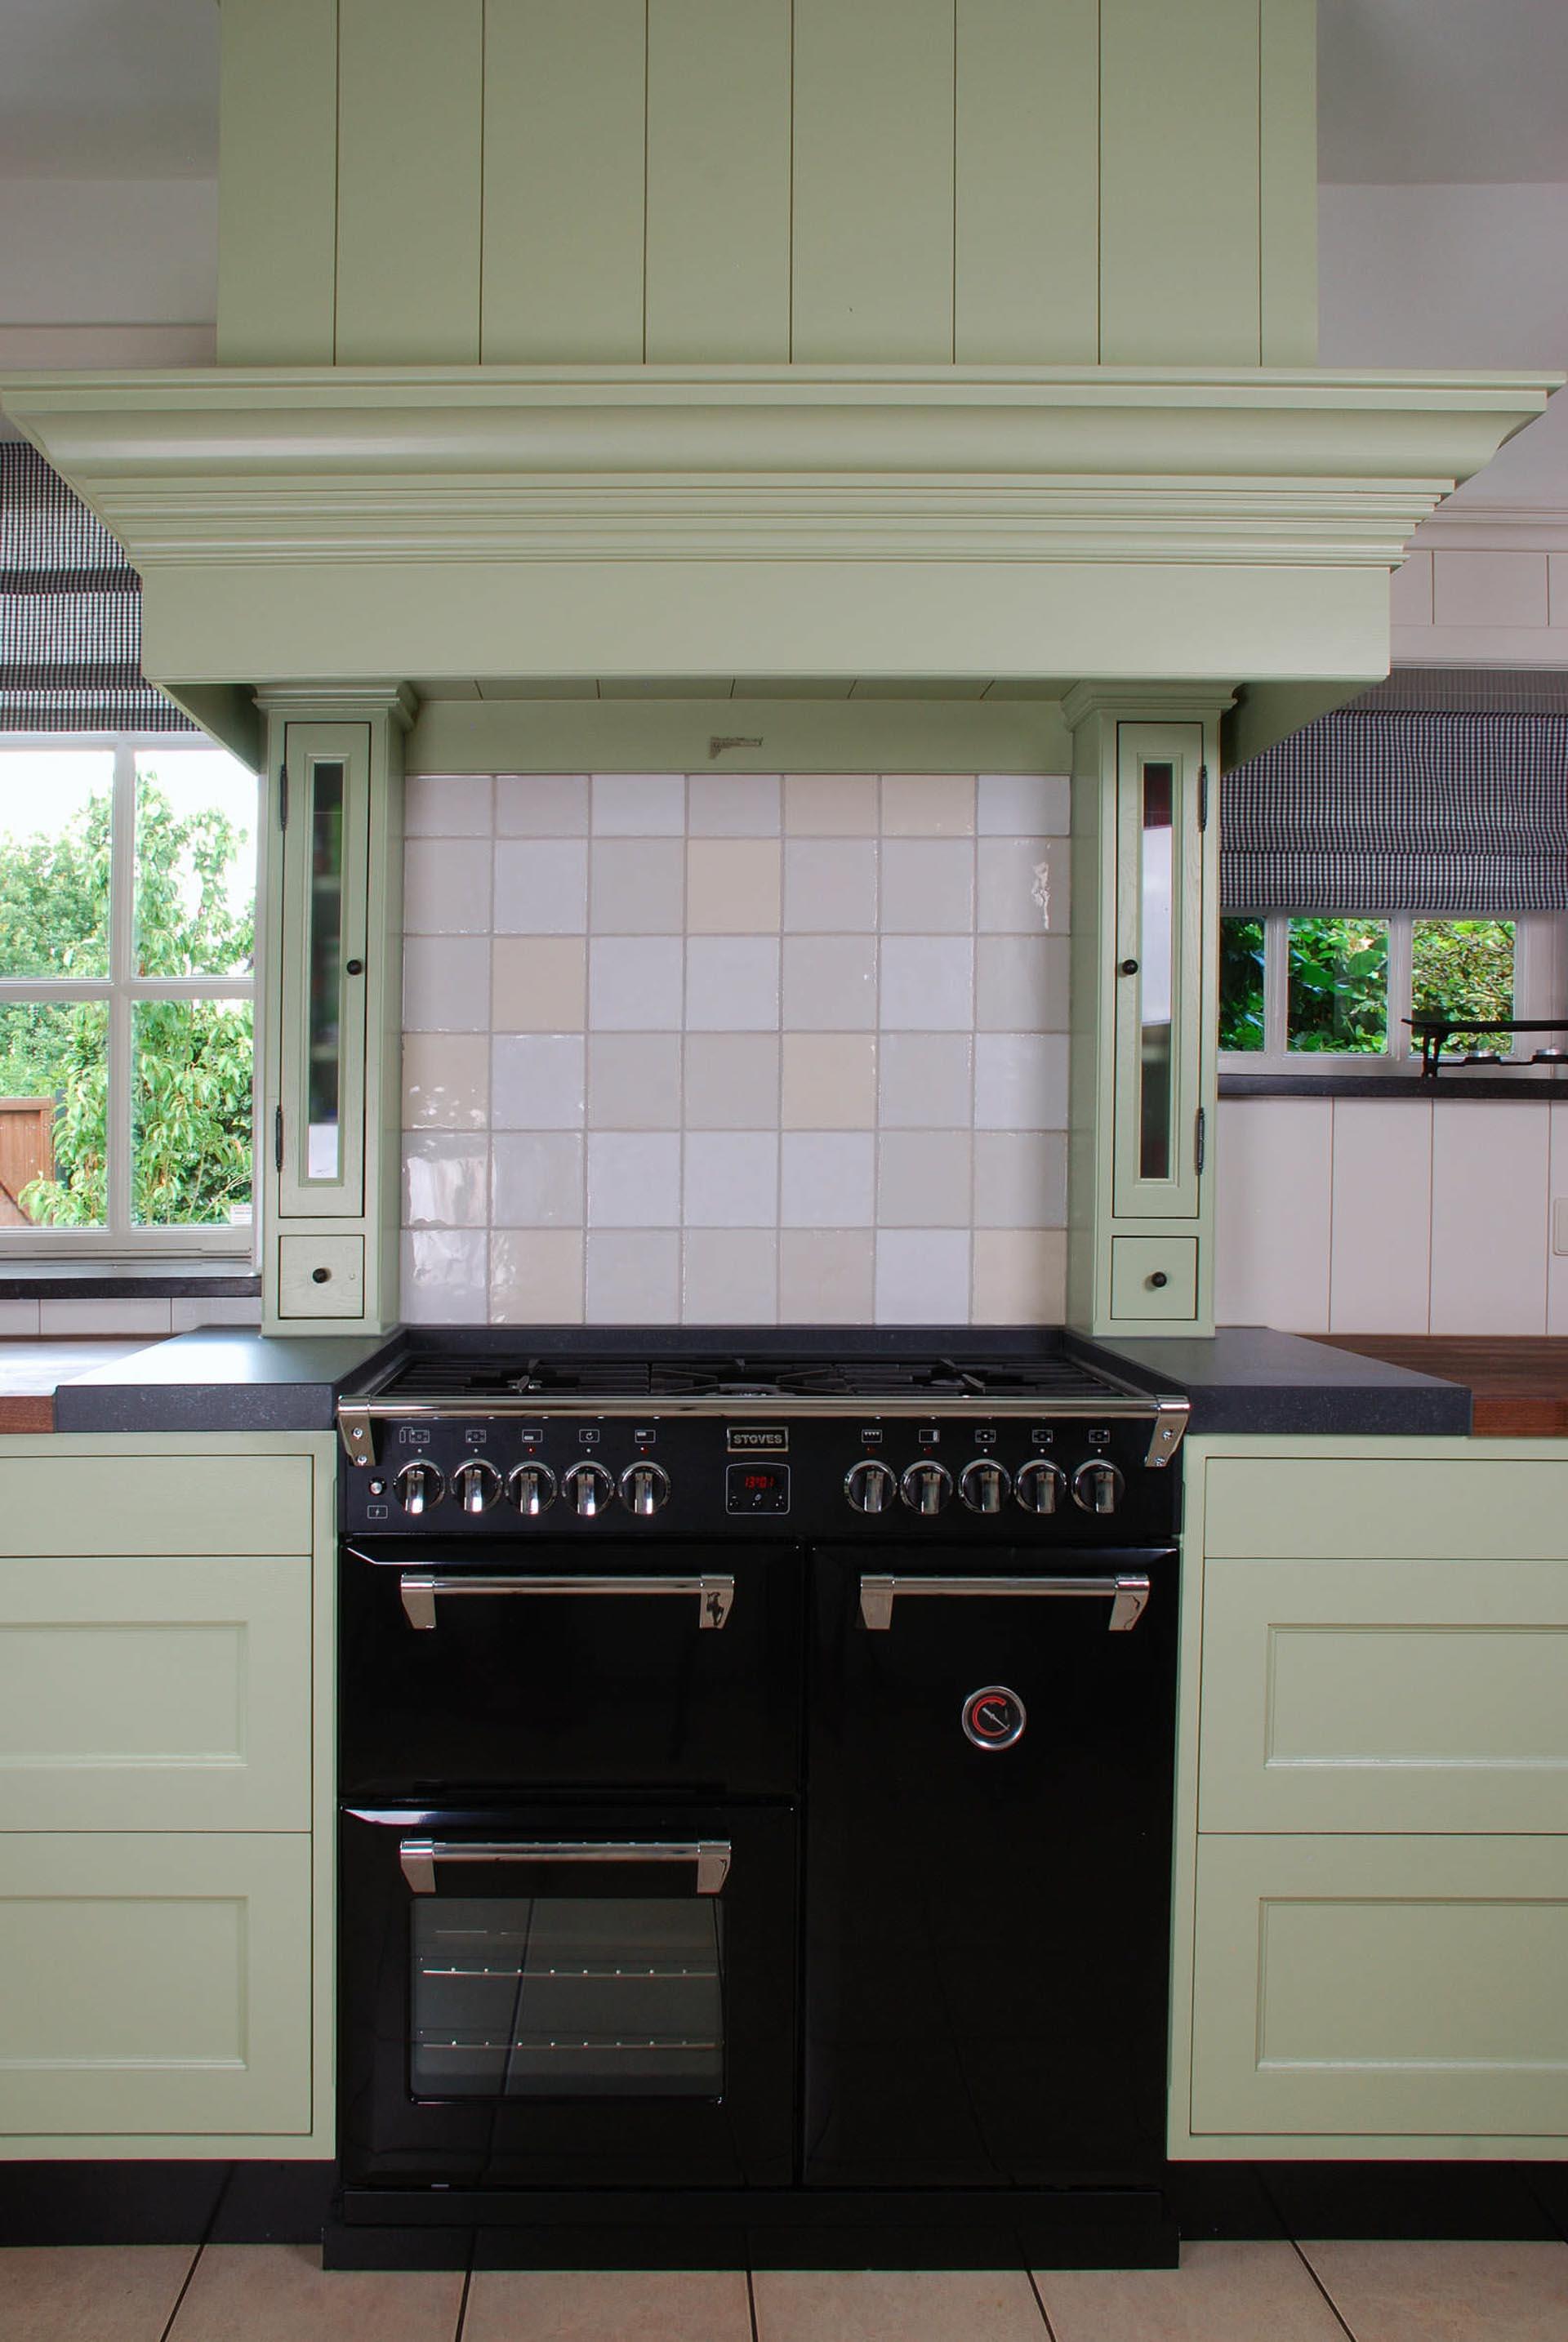 Farrow & Ball groene houten keuken landelijk karakter landelijke houten keuken